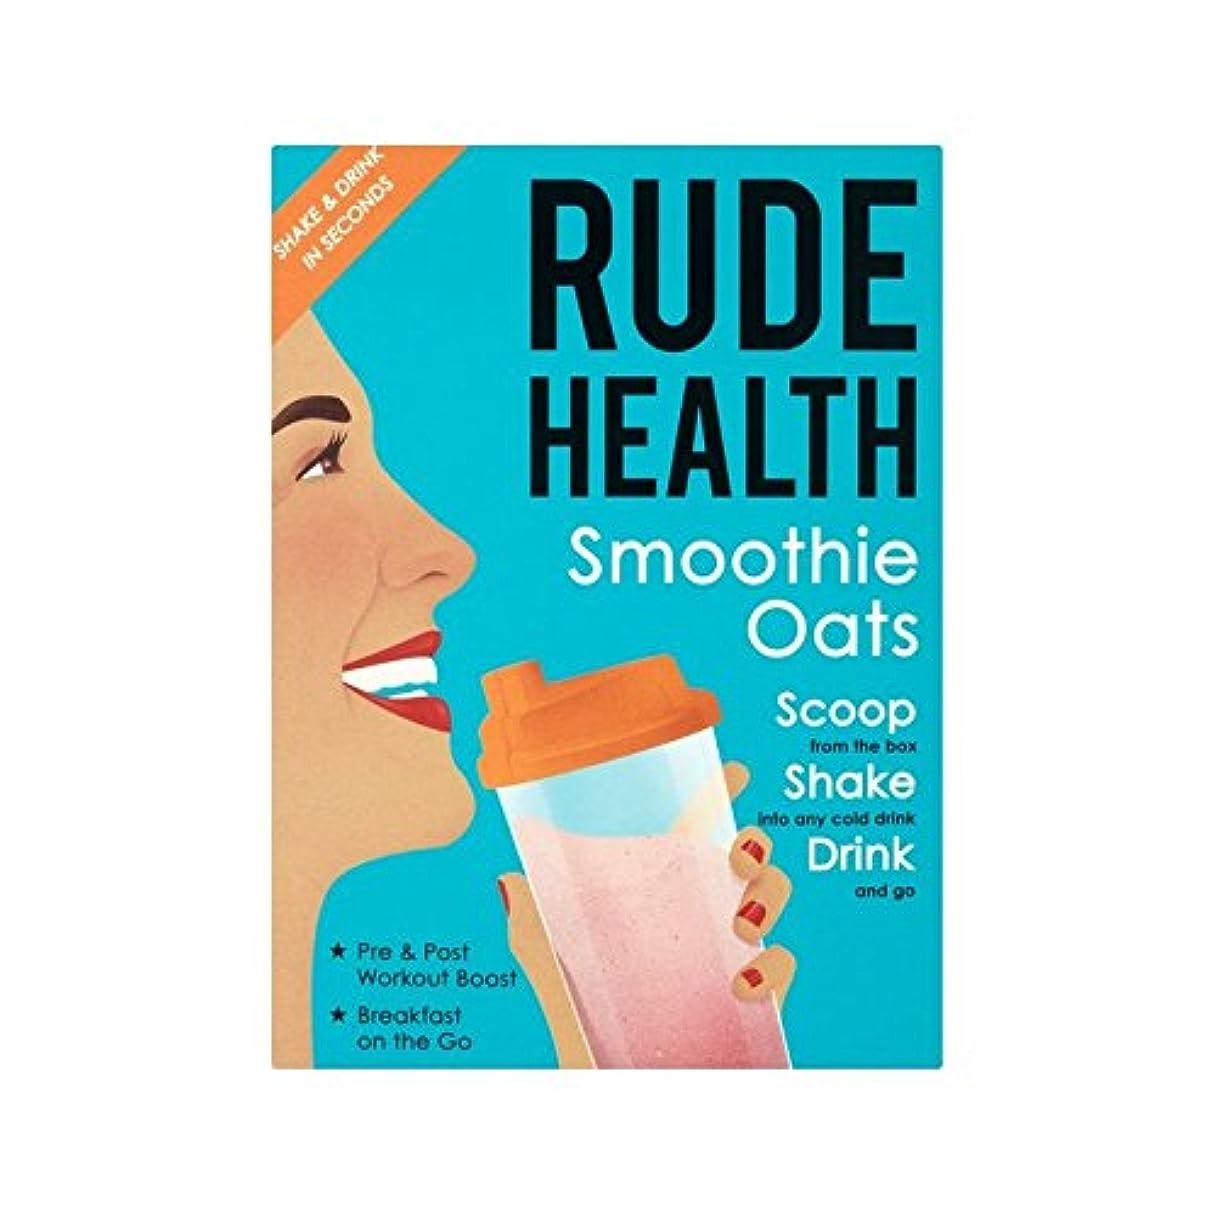 スムージーオート麦250グラム (Rude Health) (x 4) - Rude Health Smoothie Oats 250g (Pack of 4) [並行輸入品]